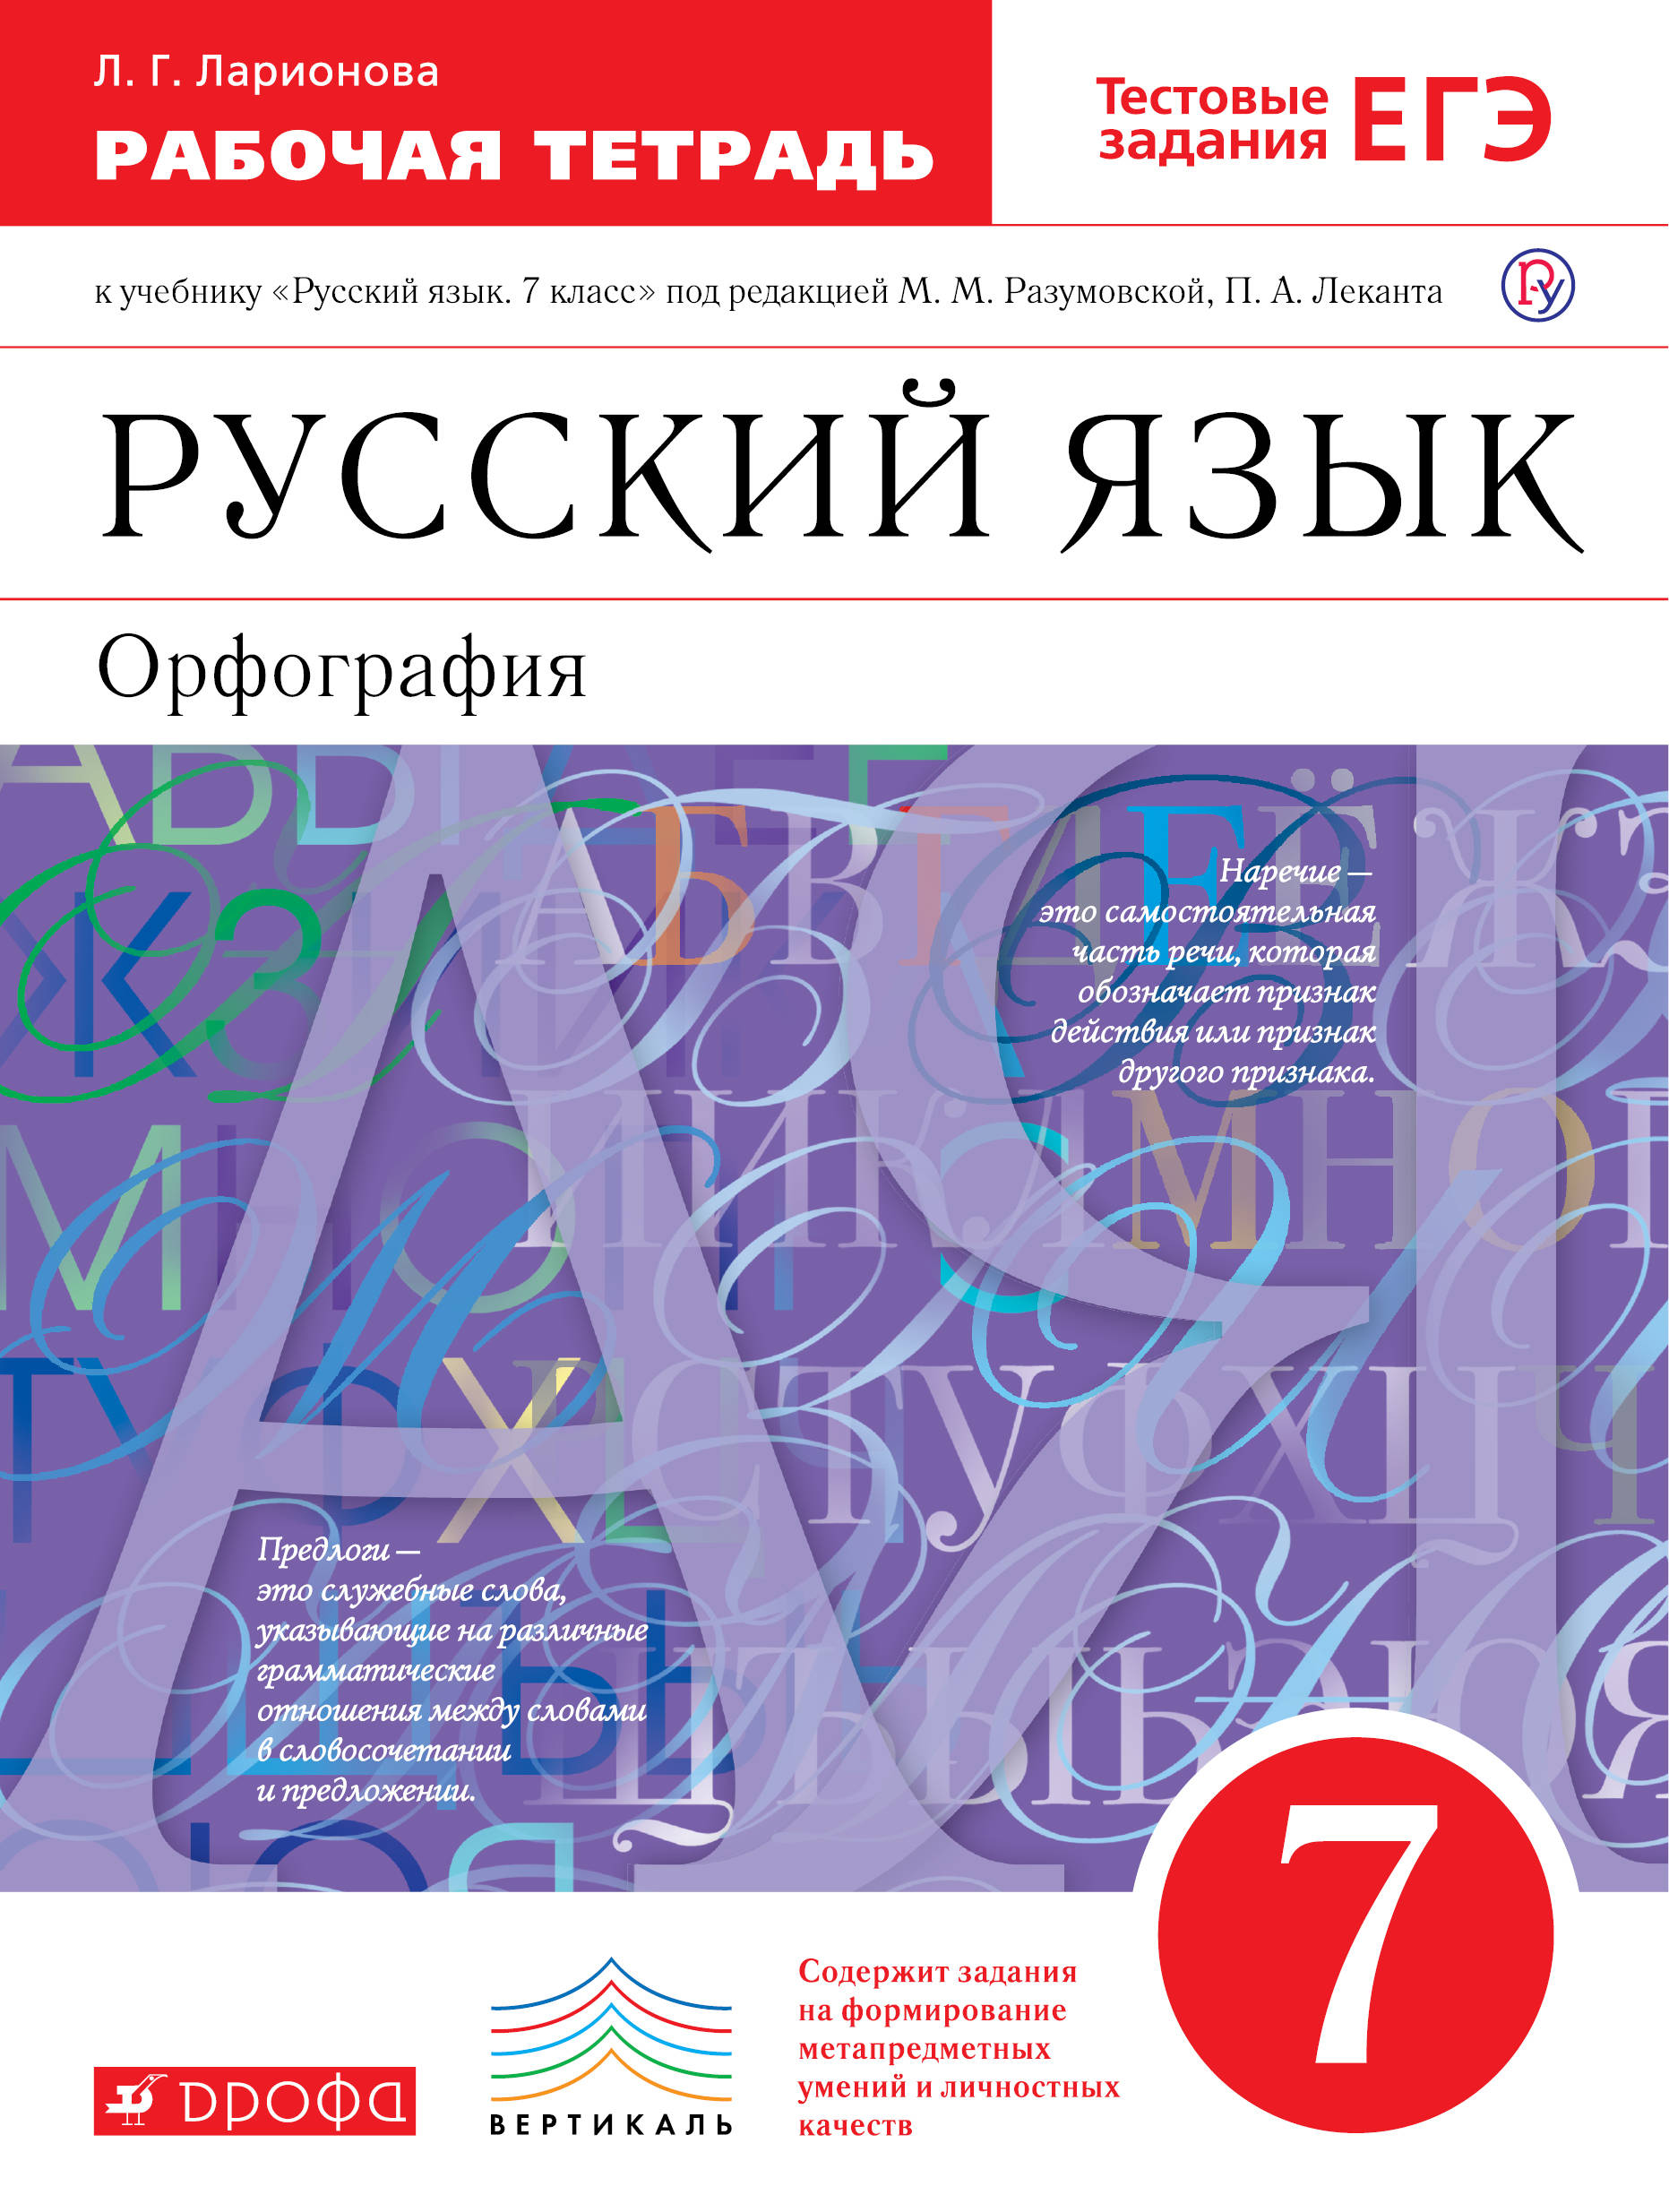 Русский язык 7кл.Раб.тетрадь.(Ларионова) С тест. зад. ЕГЭ. ВЕРТИКАЛЬ ( Ларионова Л.Г.  )